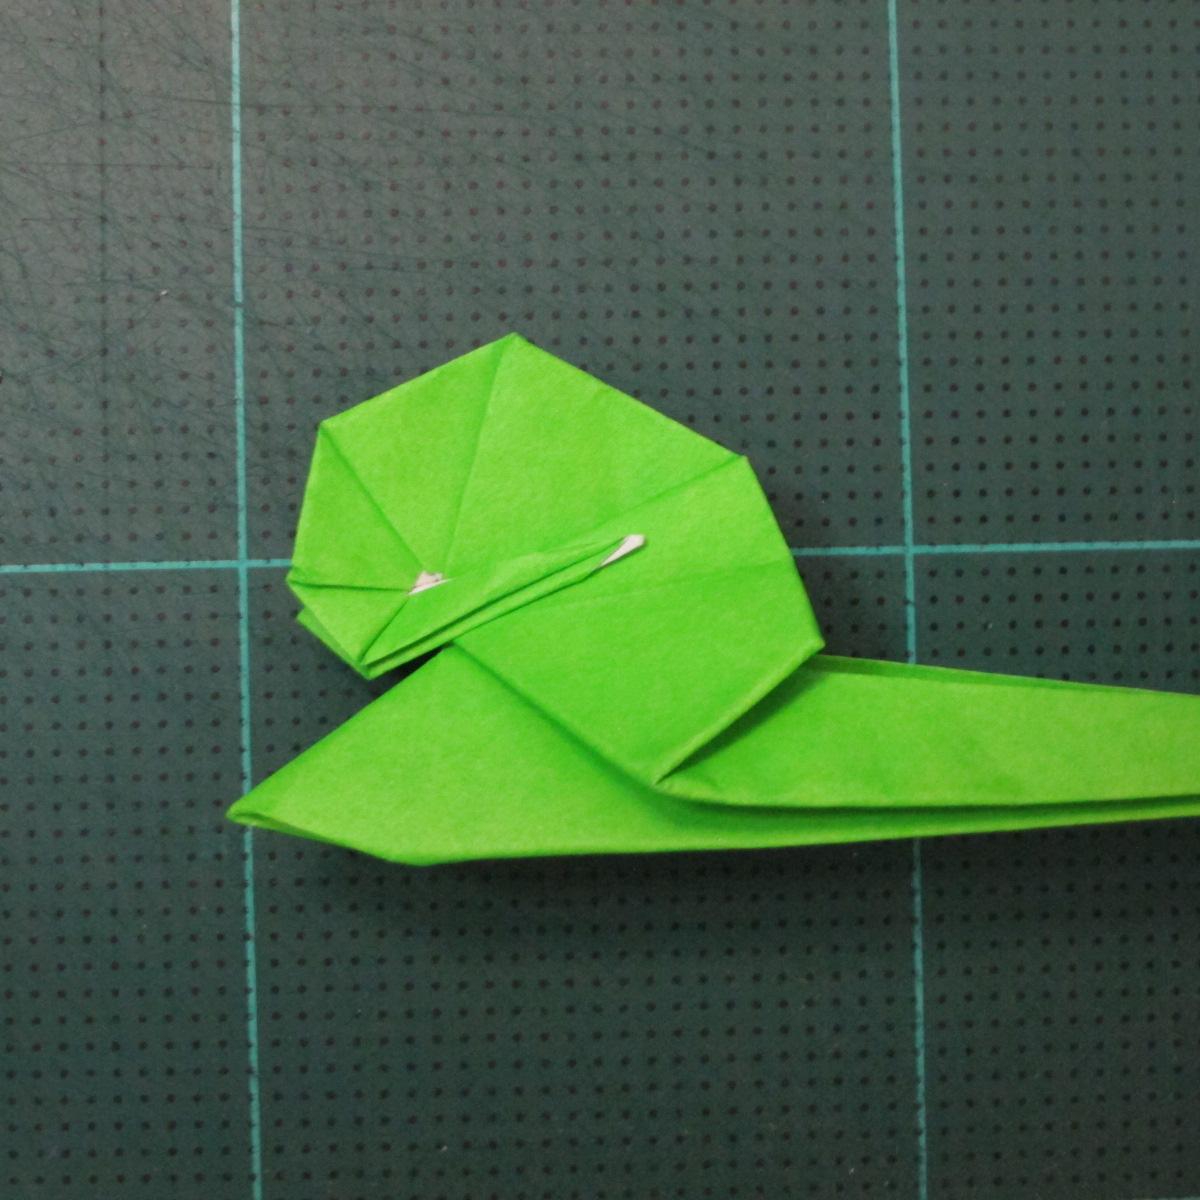 วิธีพับกระดาษเป็นรูปหอยทาก (origami Snail) 023